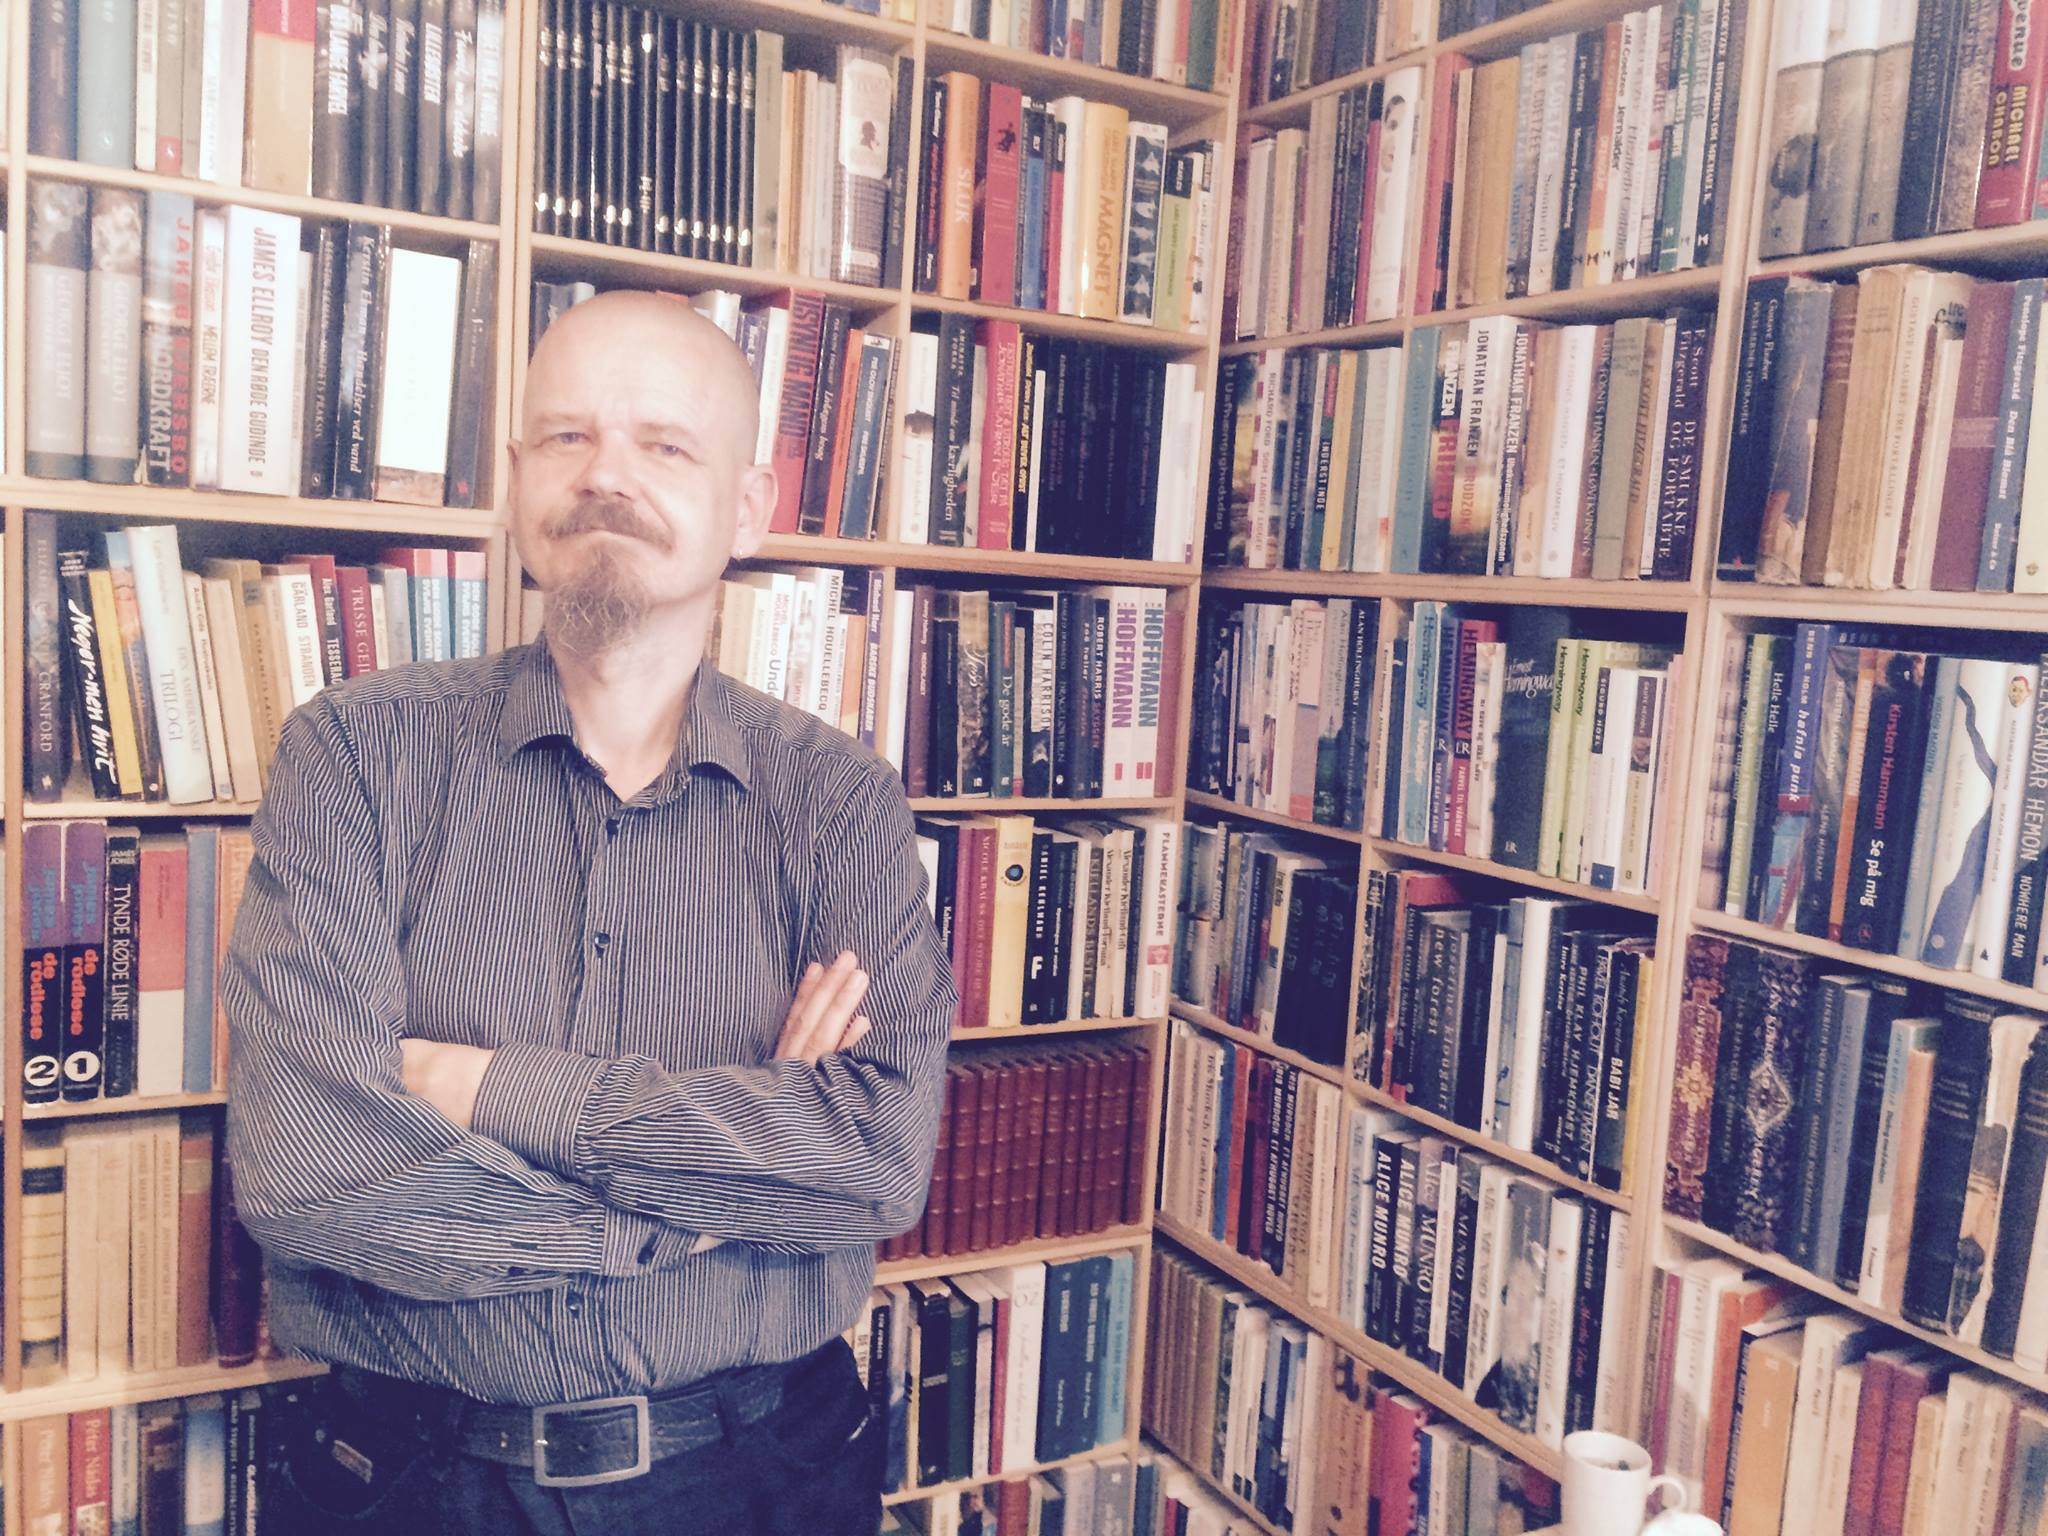 Kim Leine i podcasten Forfatterhjørnet